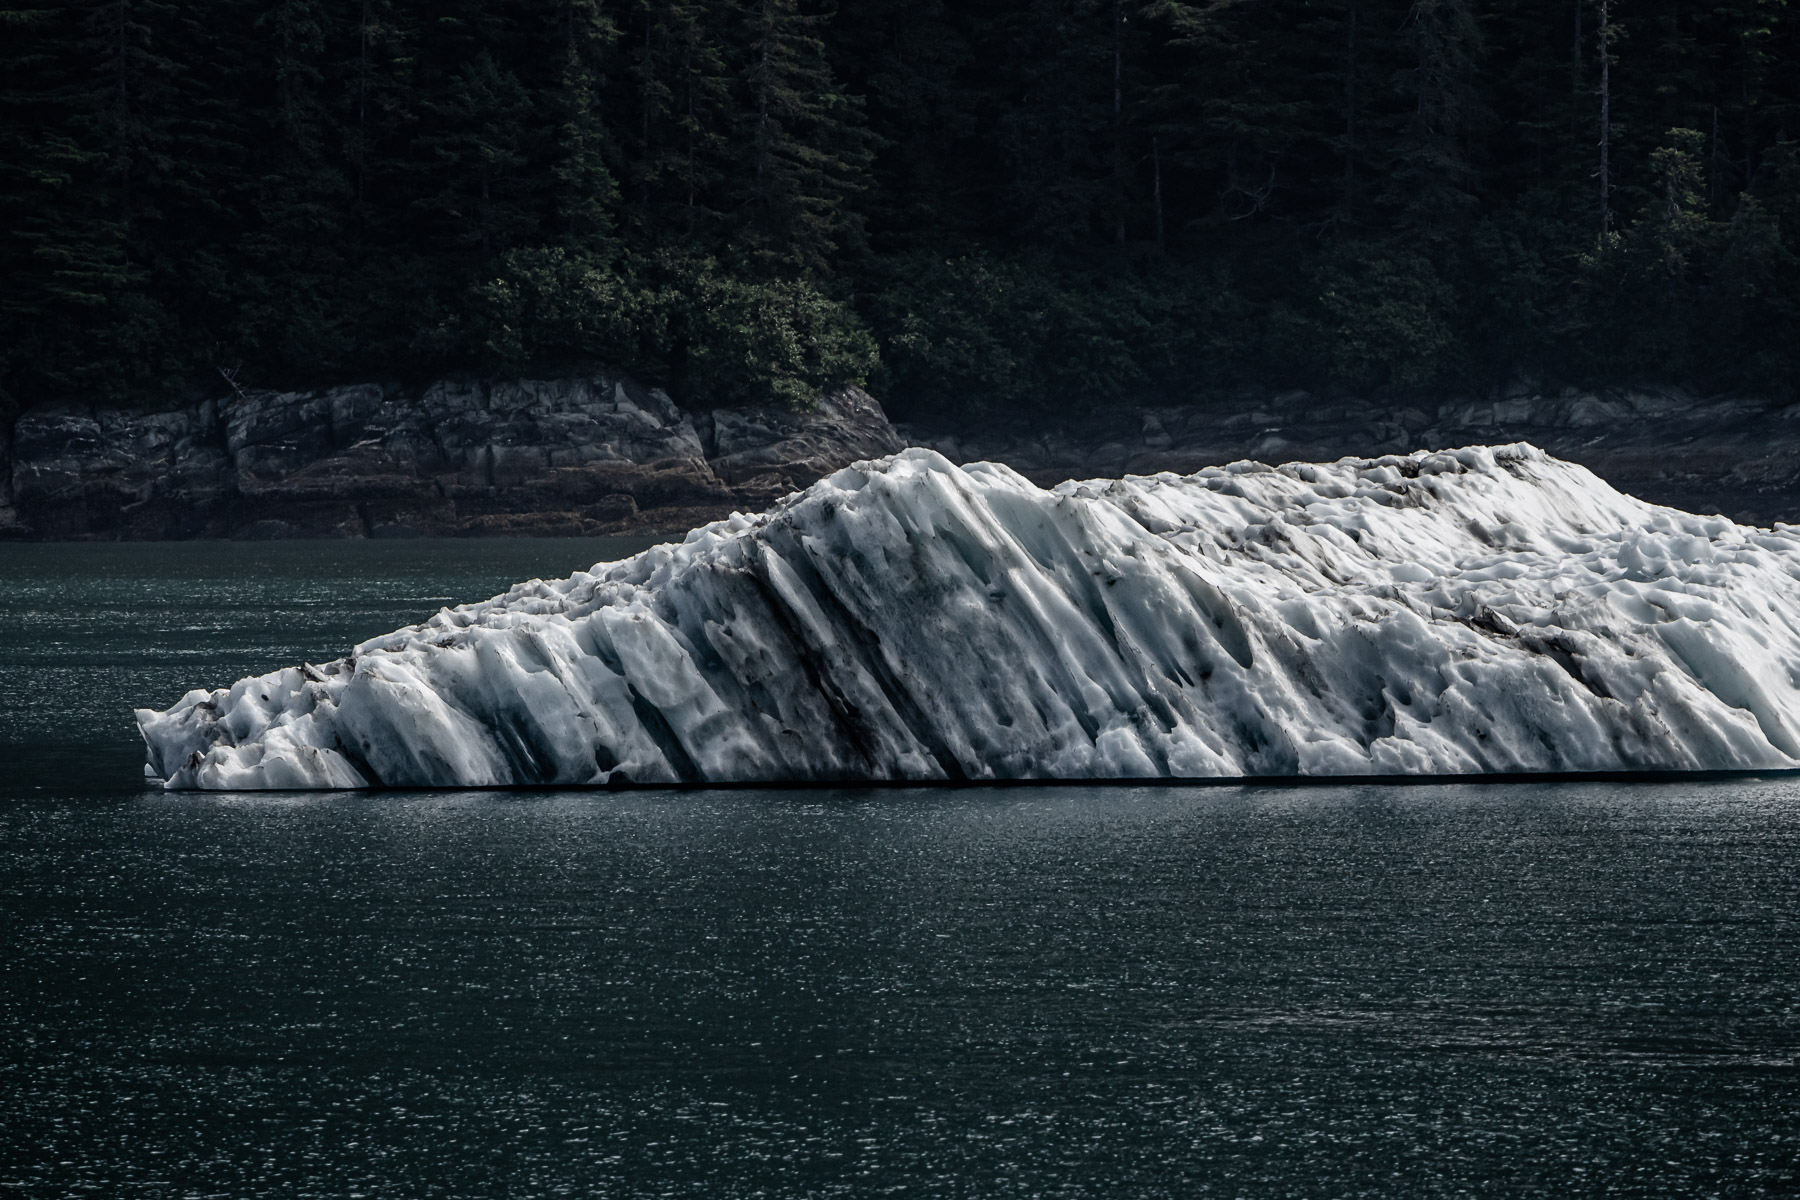 An iceberg floats in Alaska's Stephens Passage near Juneau.